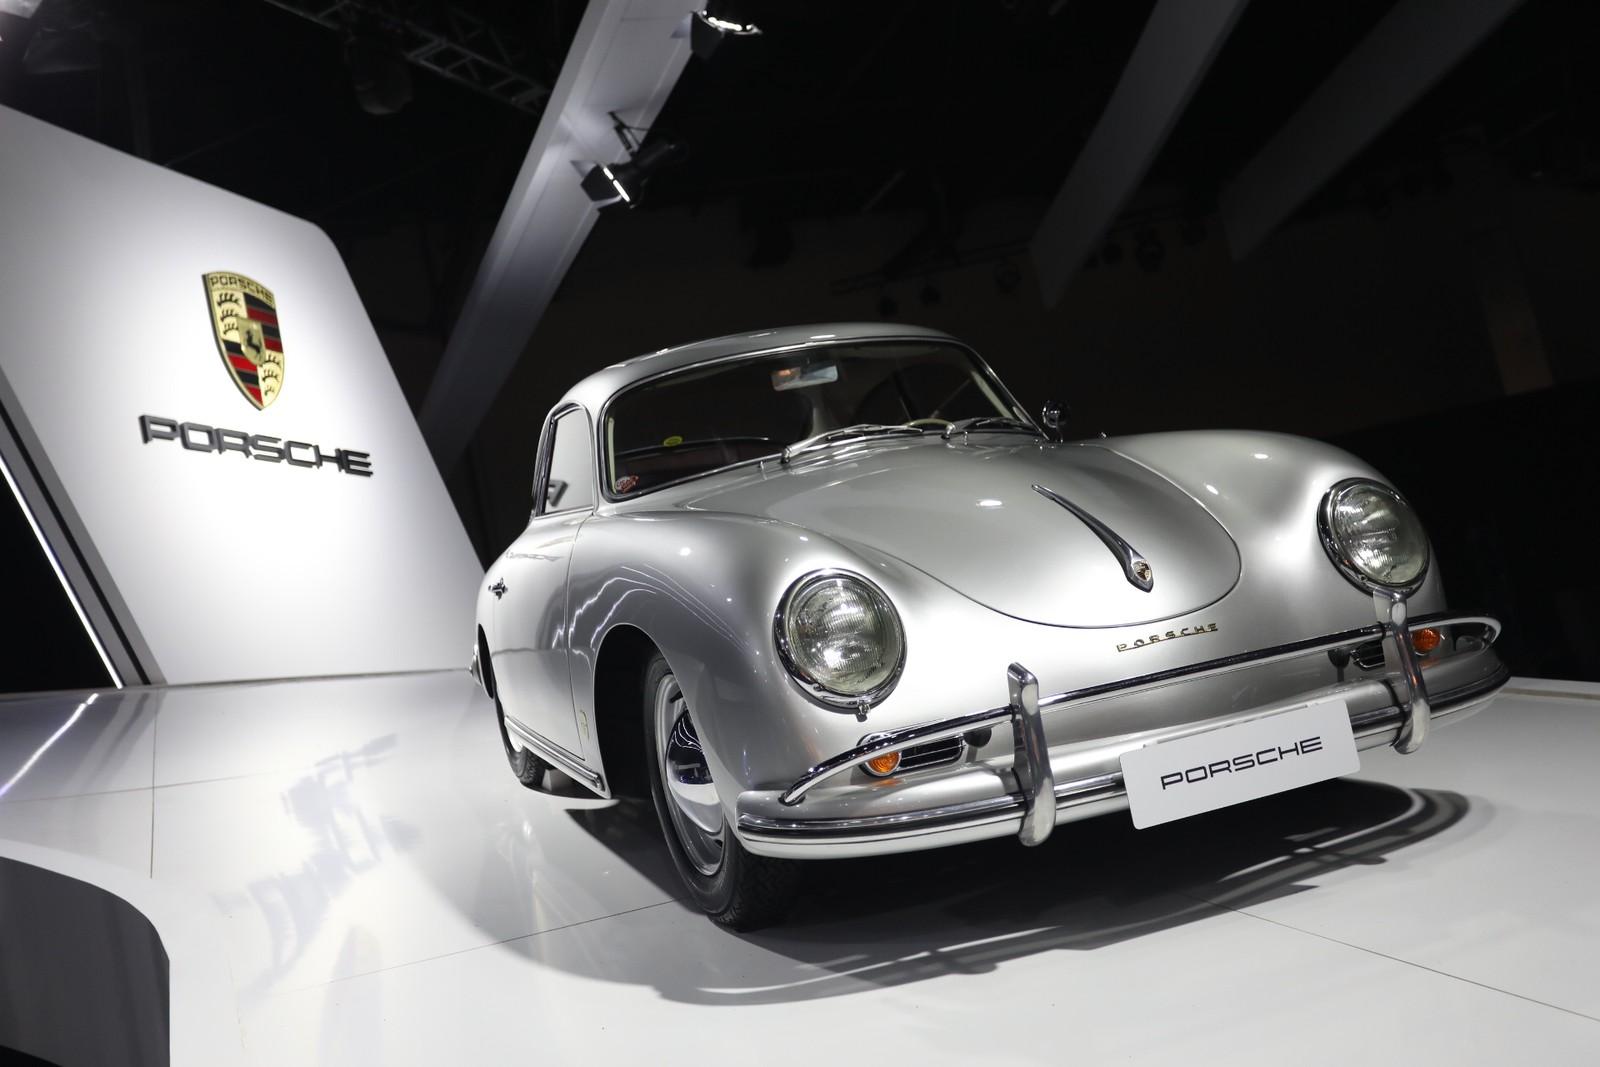 De Jeep da guerra até primeiro Porsche, marcas revivem clássicos no Salão do Automóvel 20181106071646-f99a9299